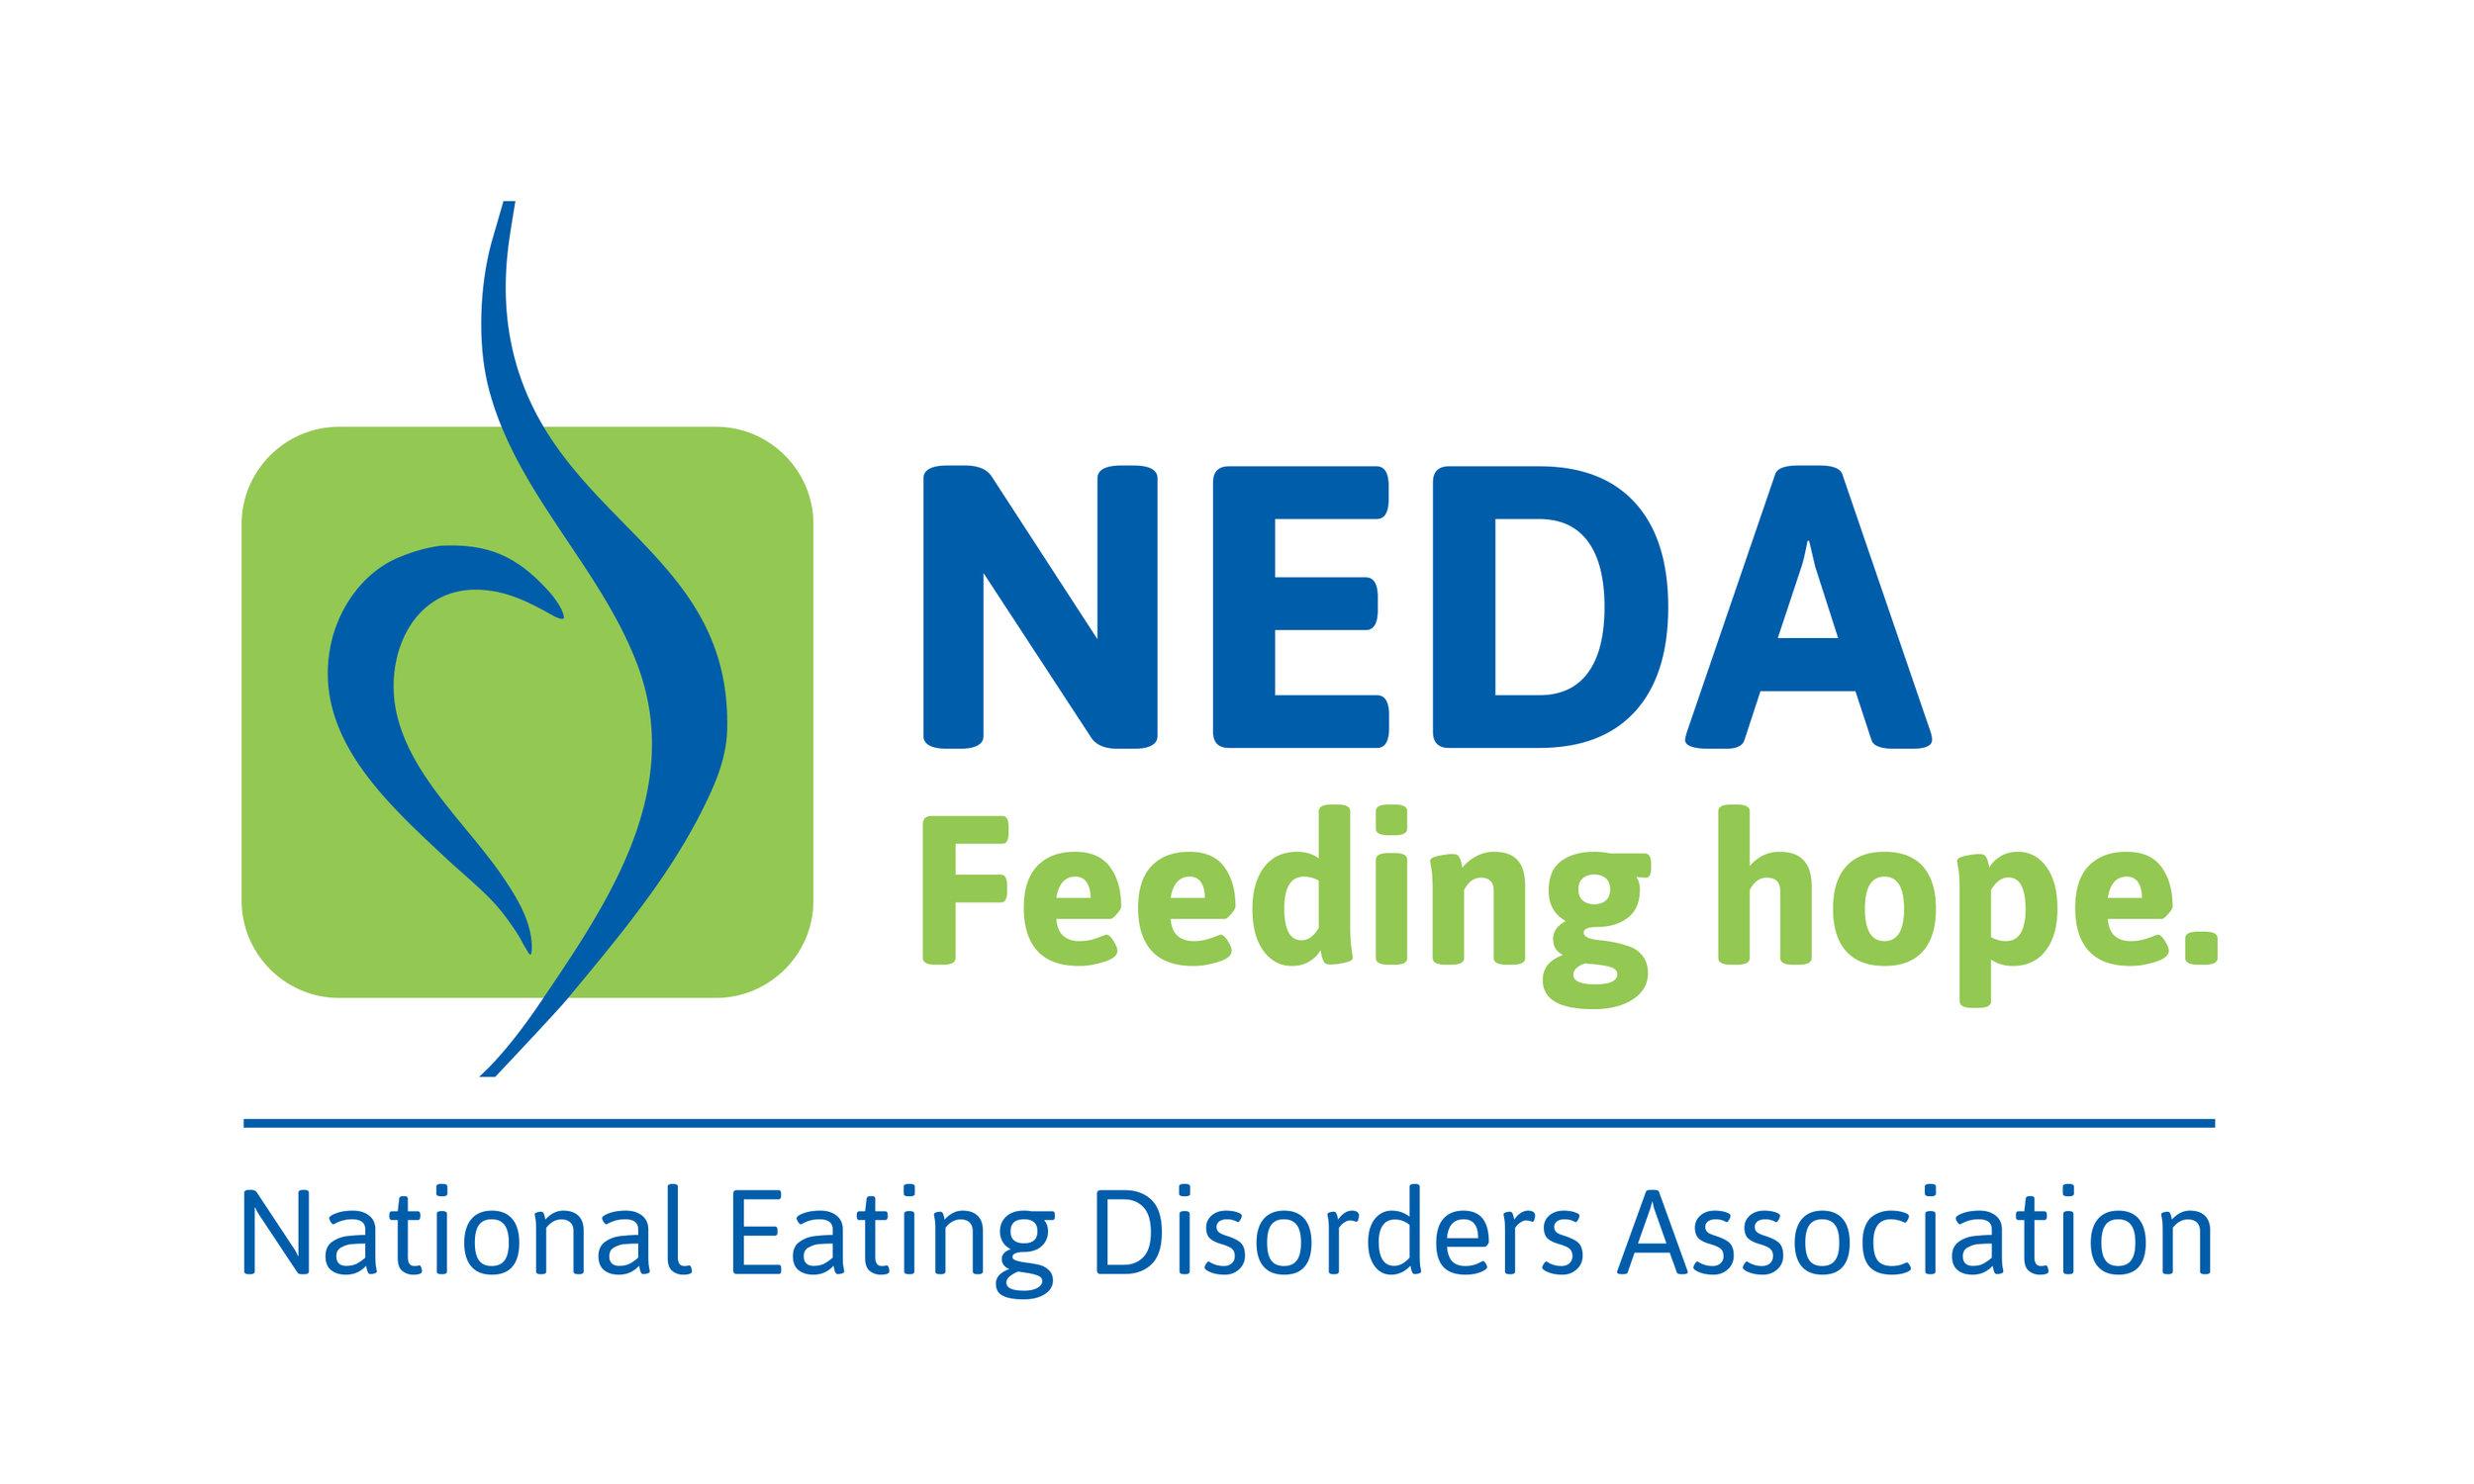 neda_logo_full_color.jpg